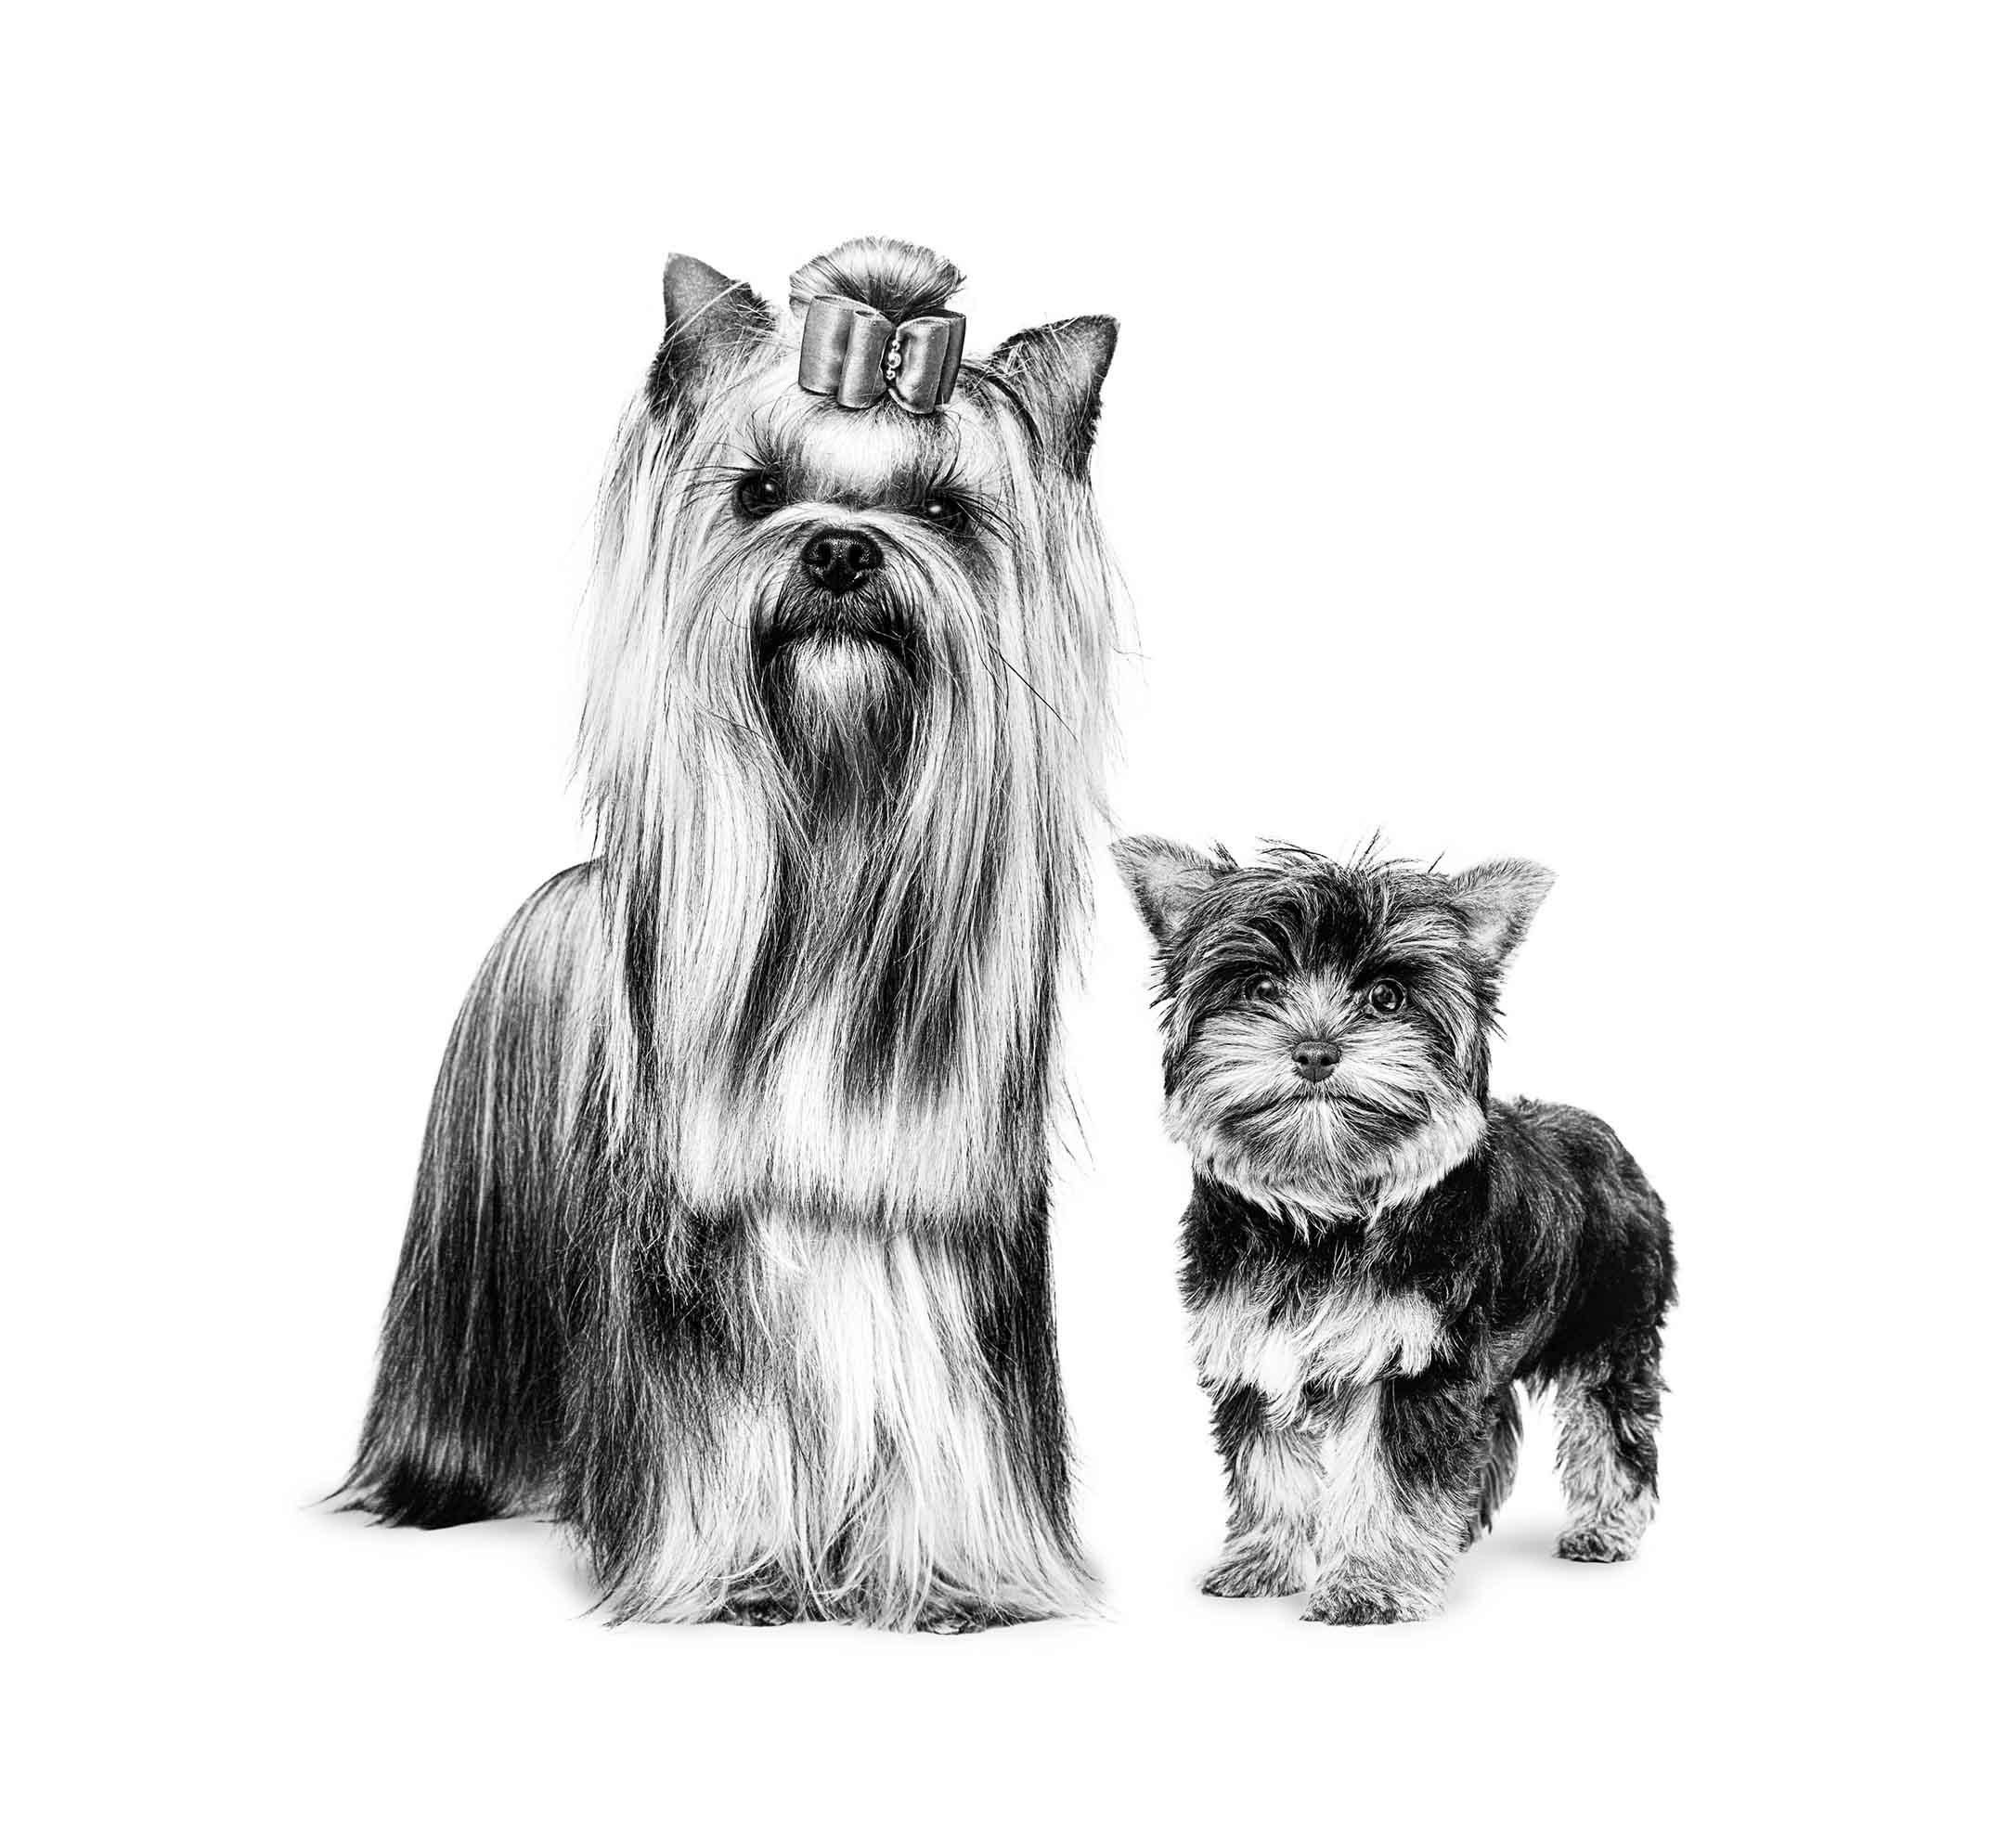 Je hond borstelen: hoe moet dat eigenlijk?